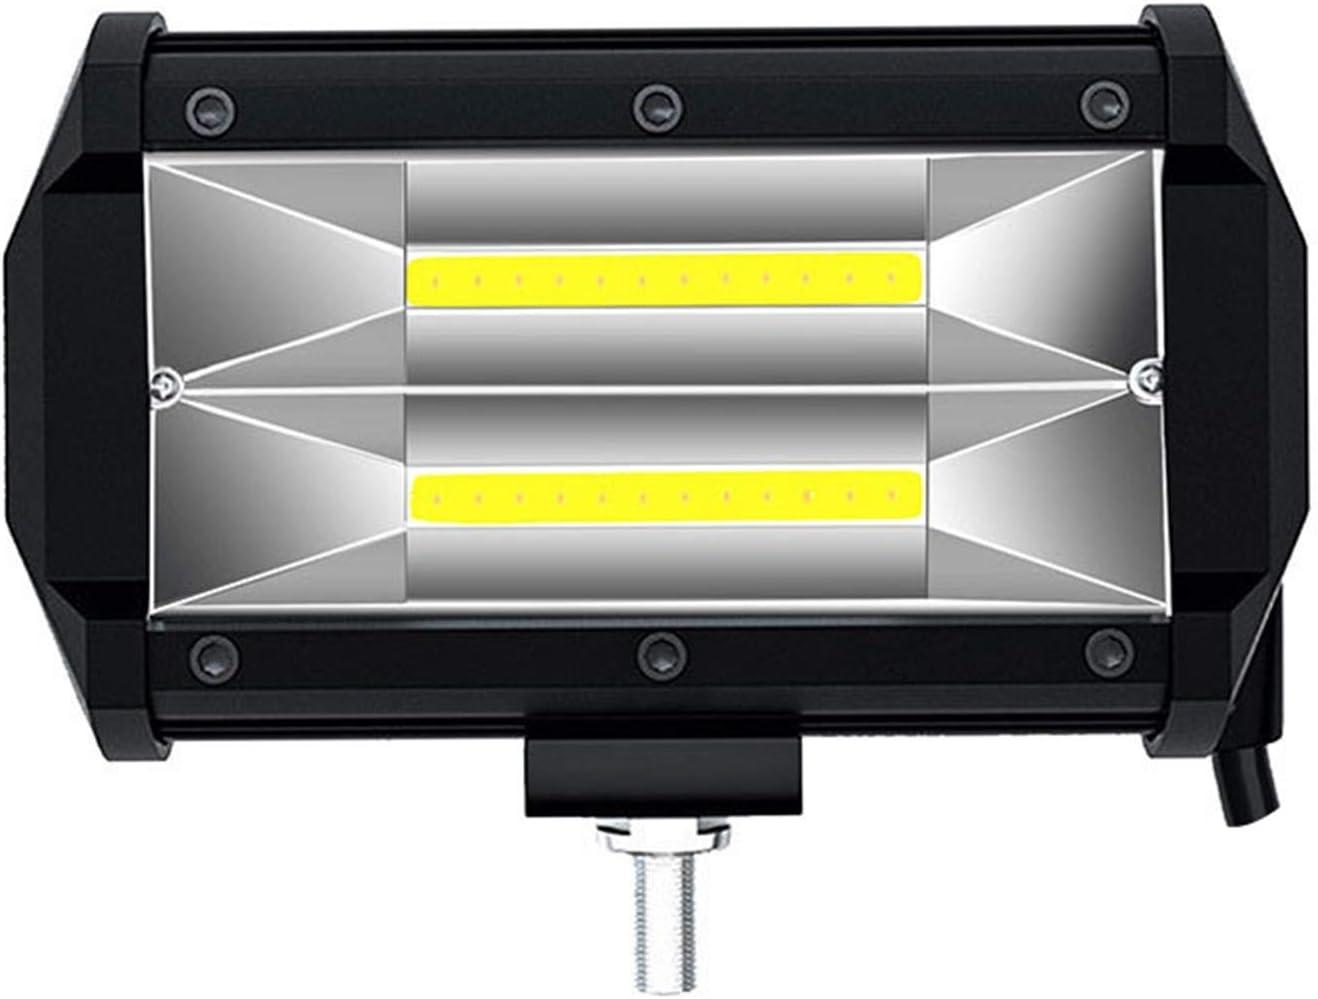 Buscador de peces LKT 1PS LED Coche Luz de trabajo 12V 24V 72W lámpara antiniebla para accesorios de carretera 4x4 SUV ATV Motorcycle Cars Truck Vehicle Light Pesca del transductor LCD Monitor